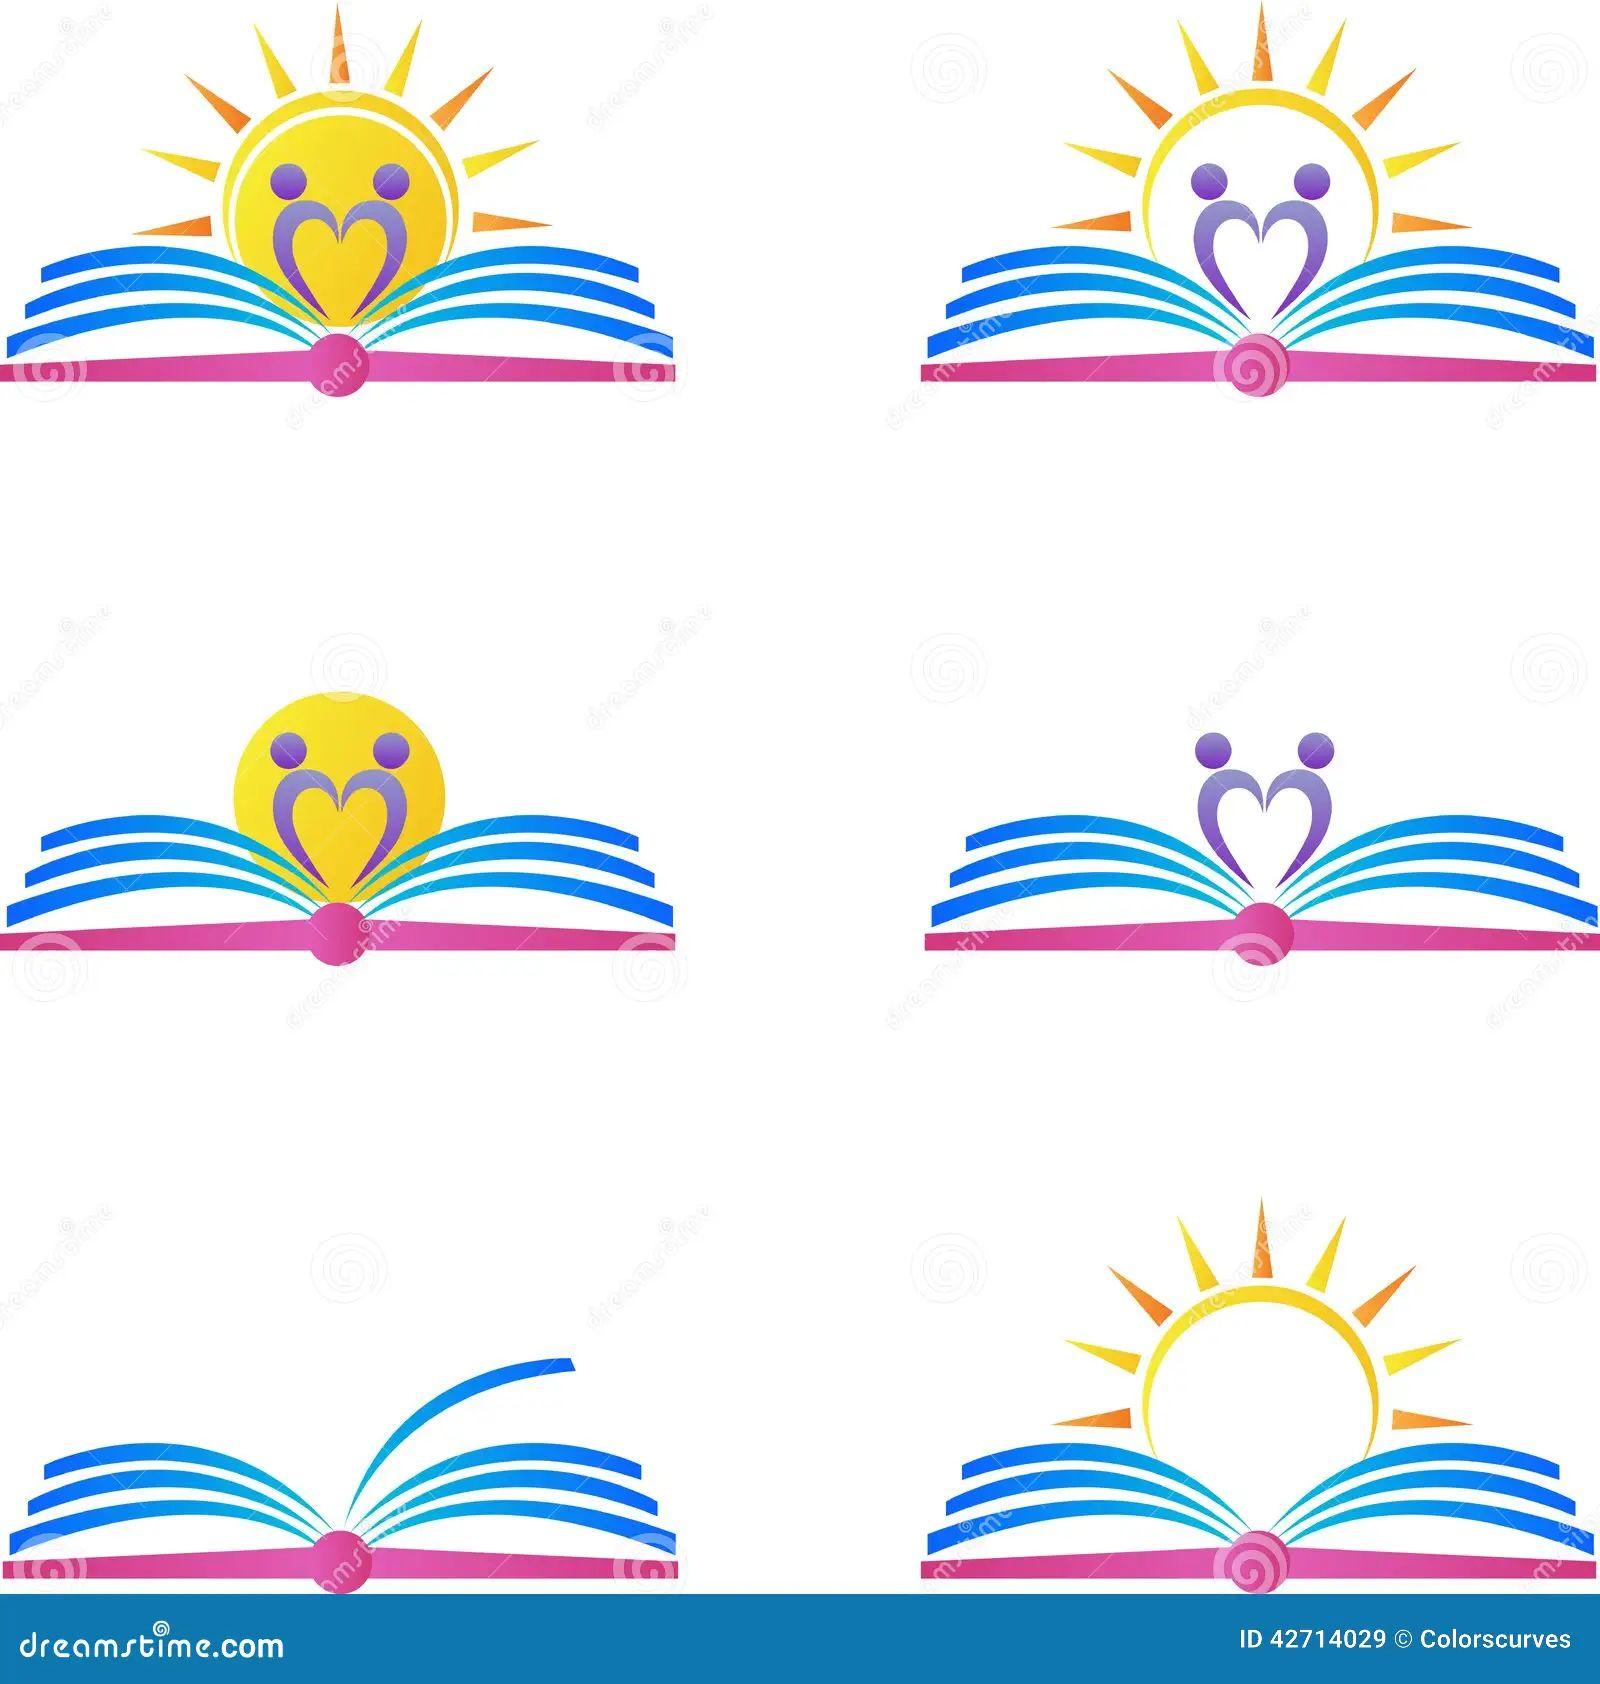 Royalty free vector book design logos